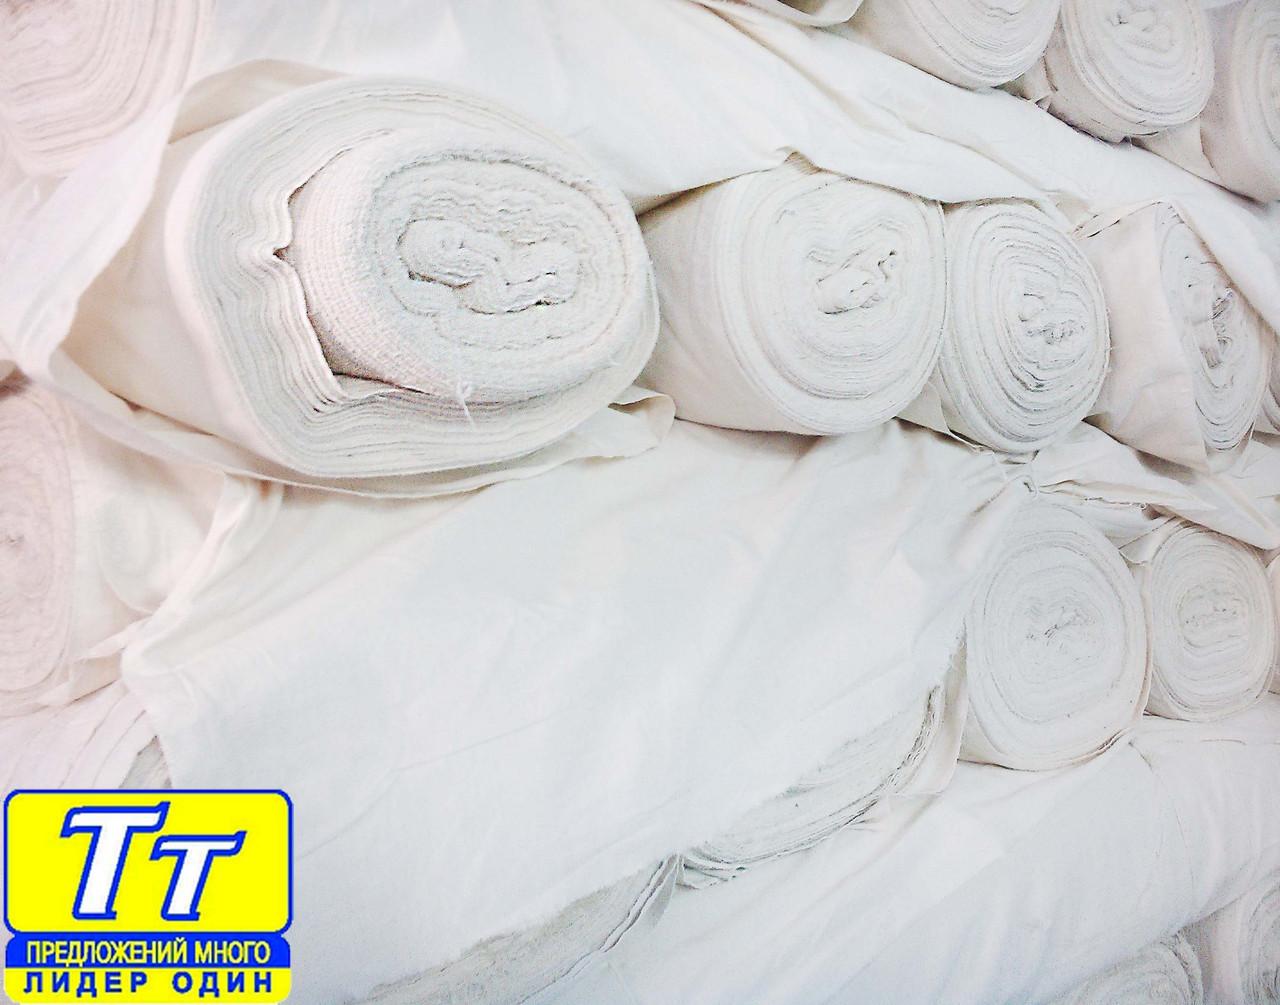 Ветошь х/б.,крупная - большой выбор со склада - ООО «Турфан-Трейд» в Киеве